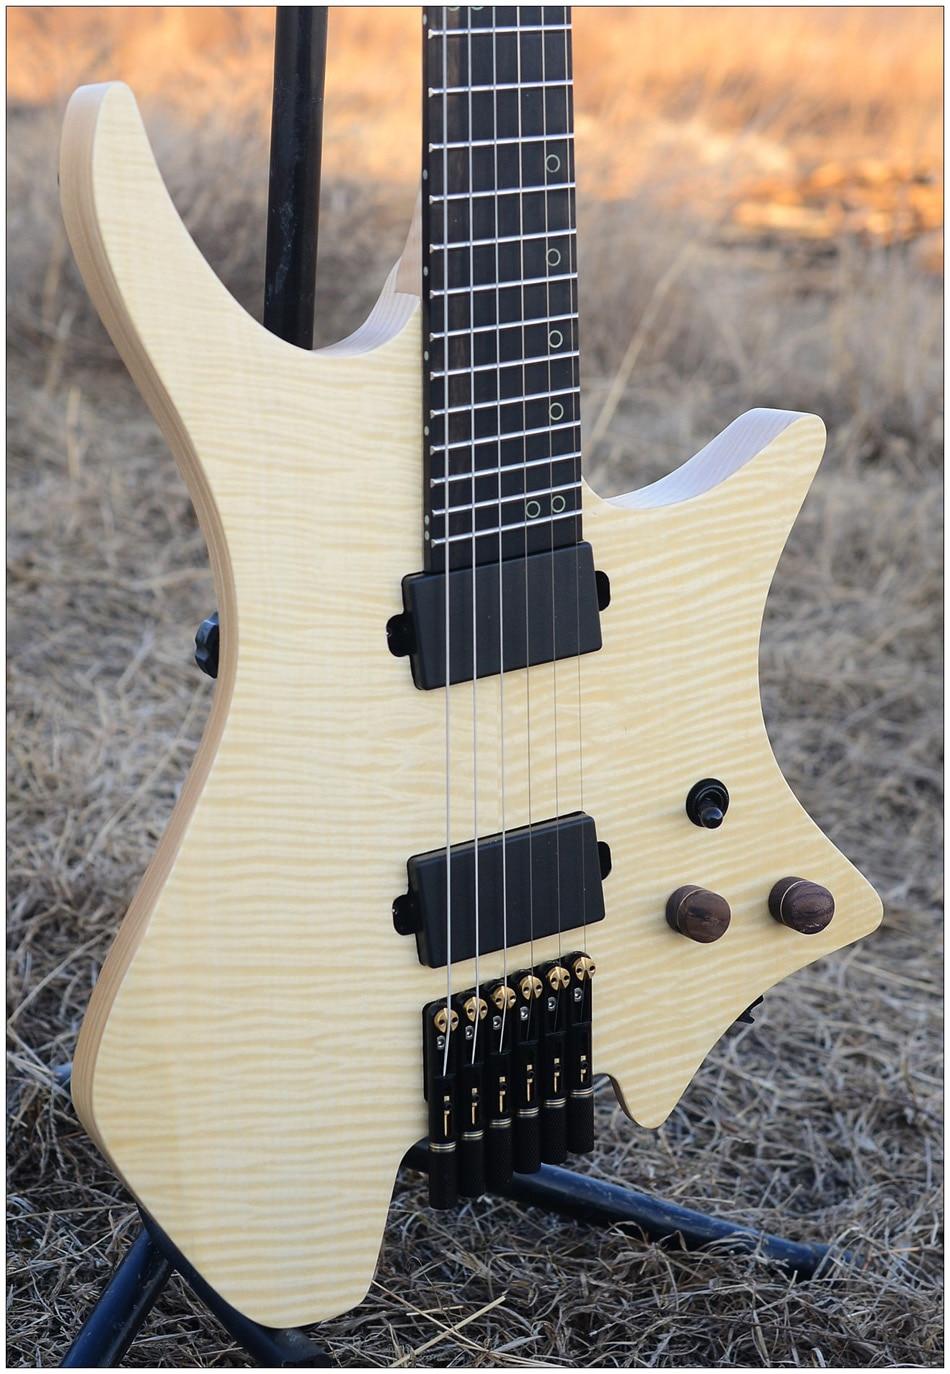 2019 Trastes Espalharam NK Sem Cabeça guitarra Elétrica clara Chama Maple top Chama maple ébano Preto hardware Guitarra